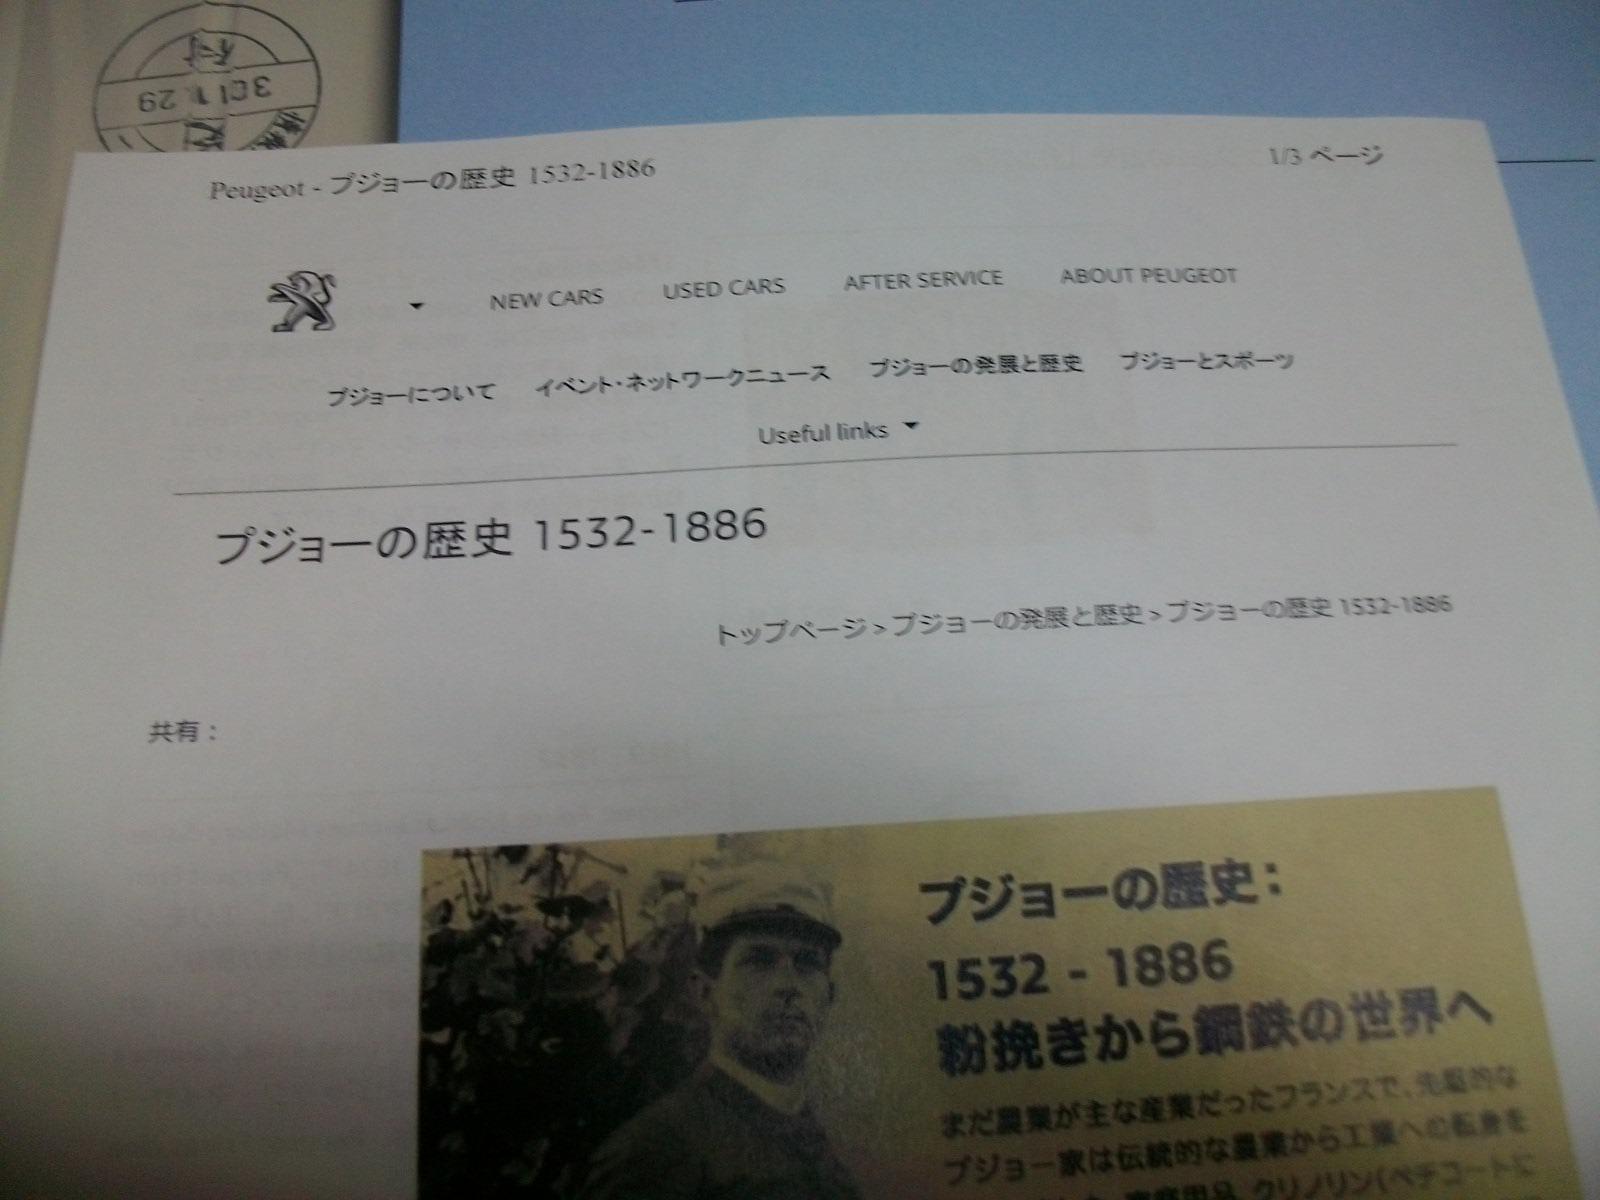 b0398201_19282763.jpg